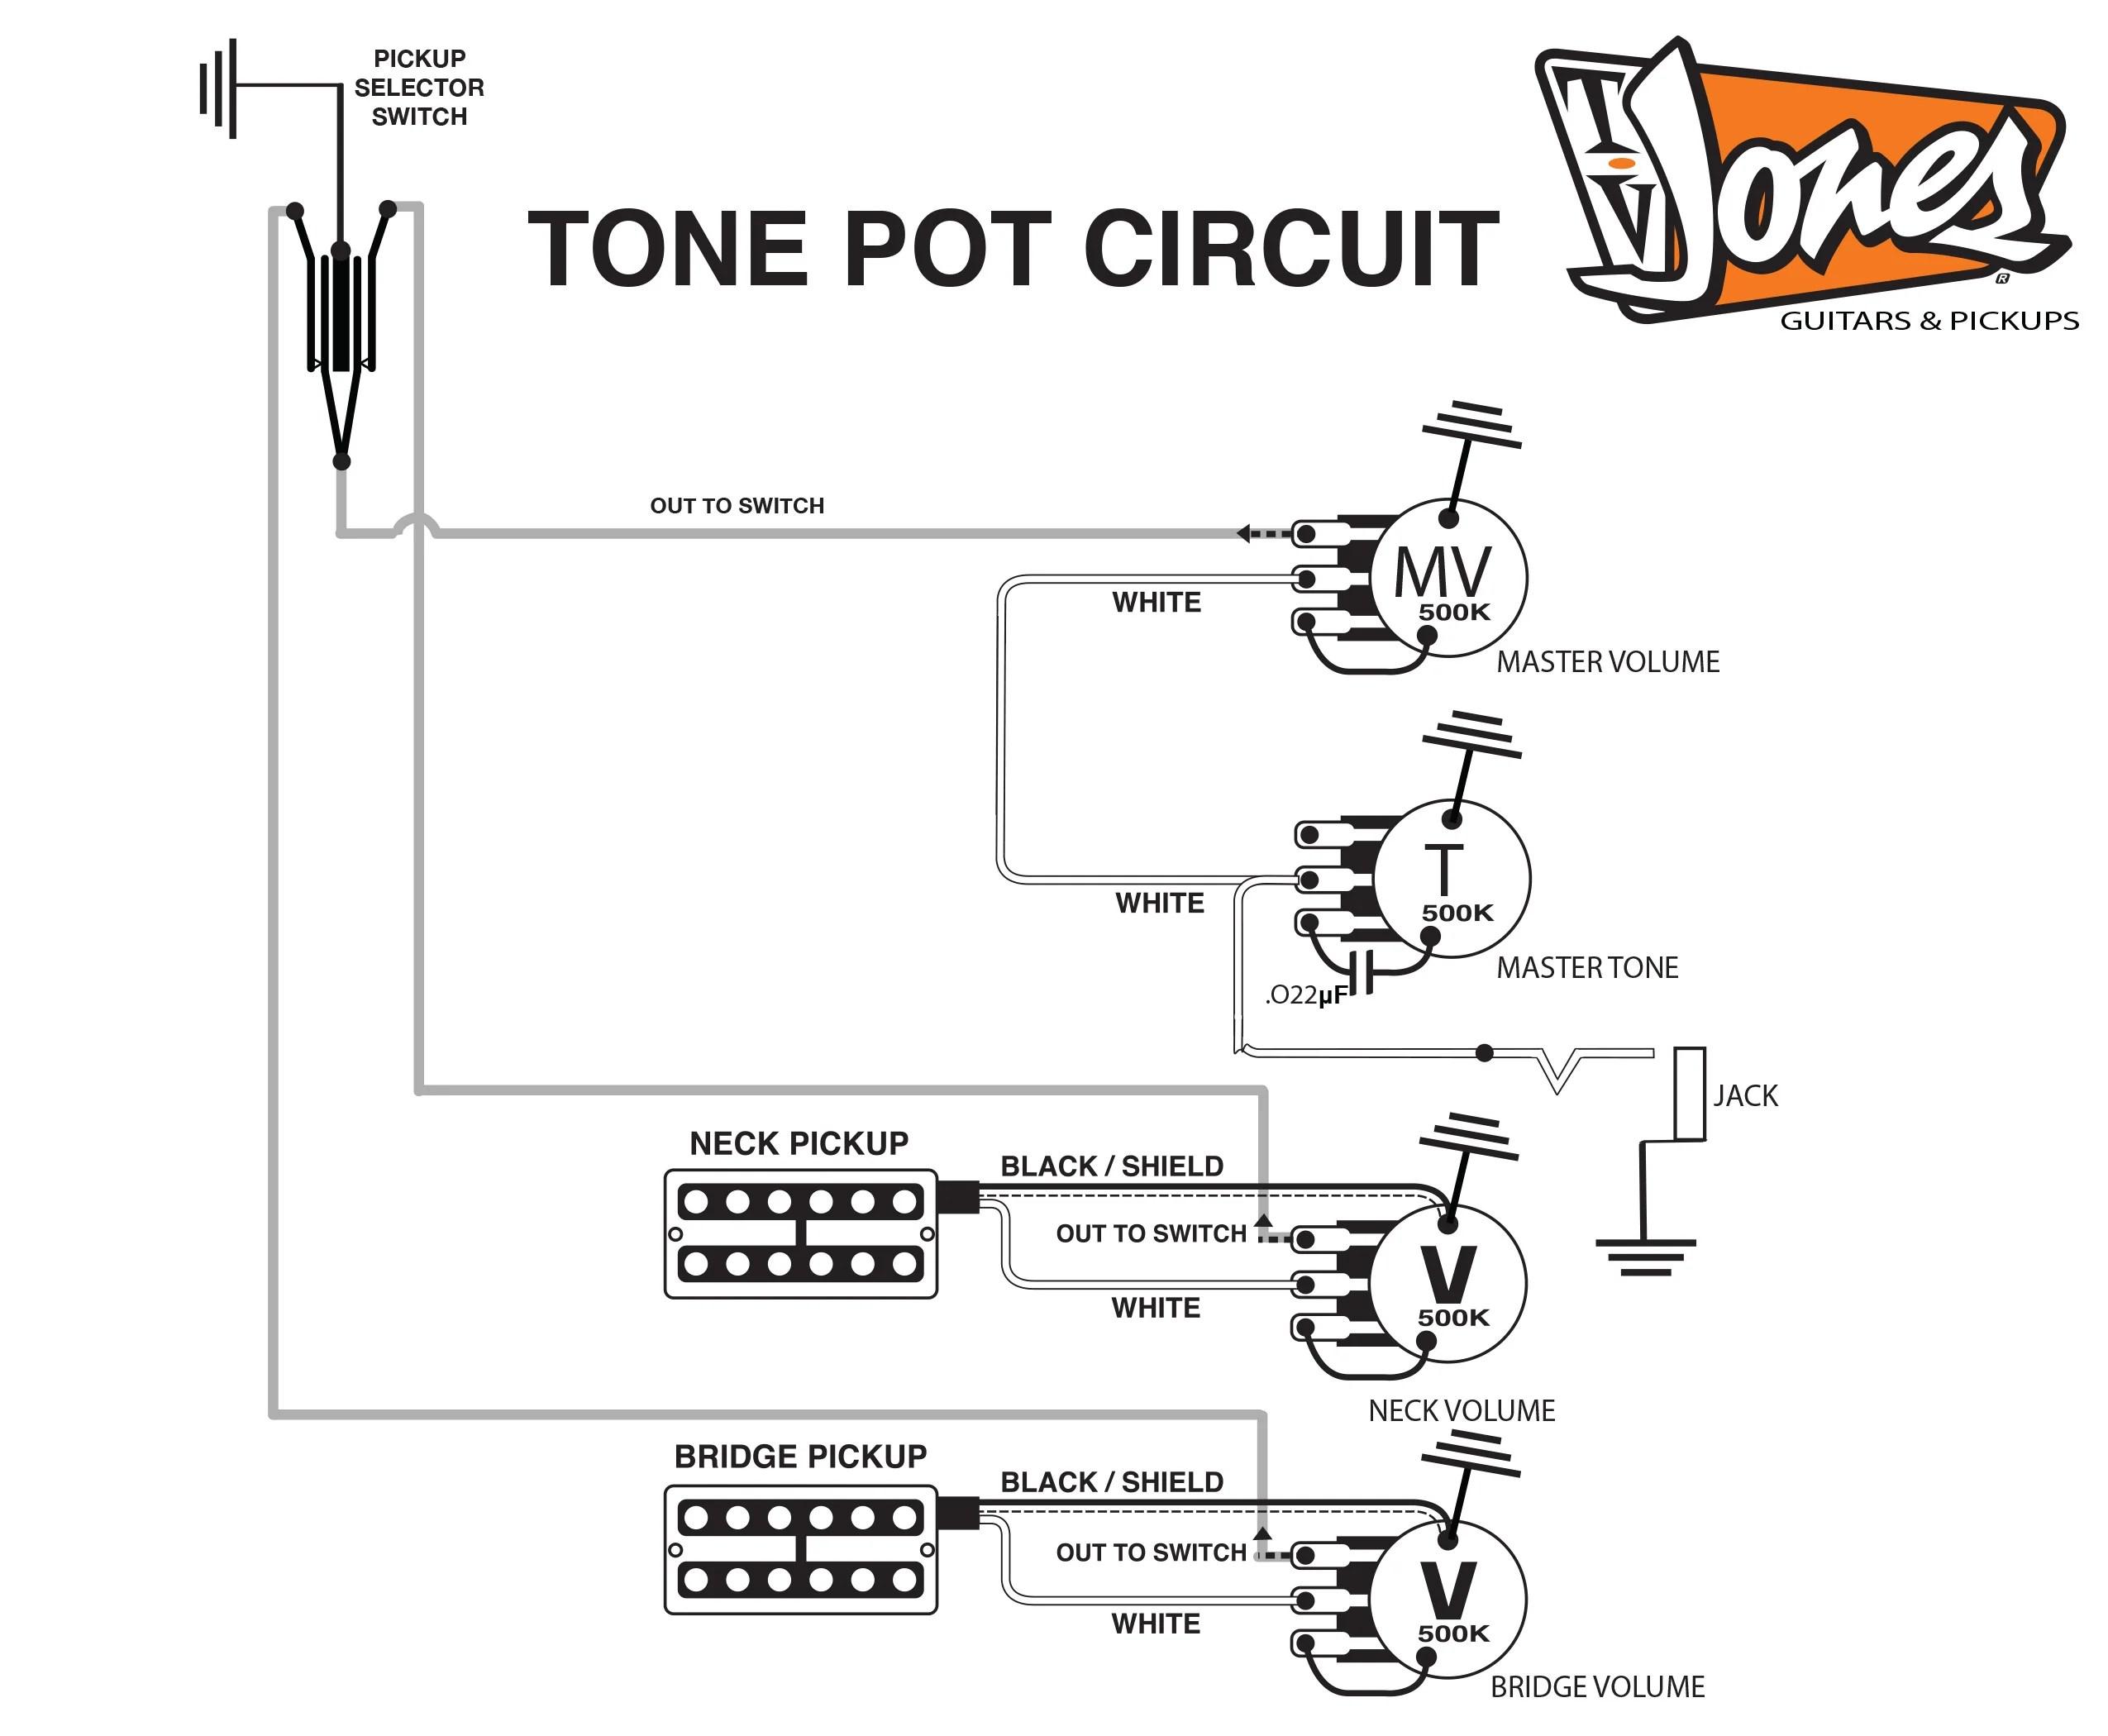 gretsch 6120 wiring schematic